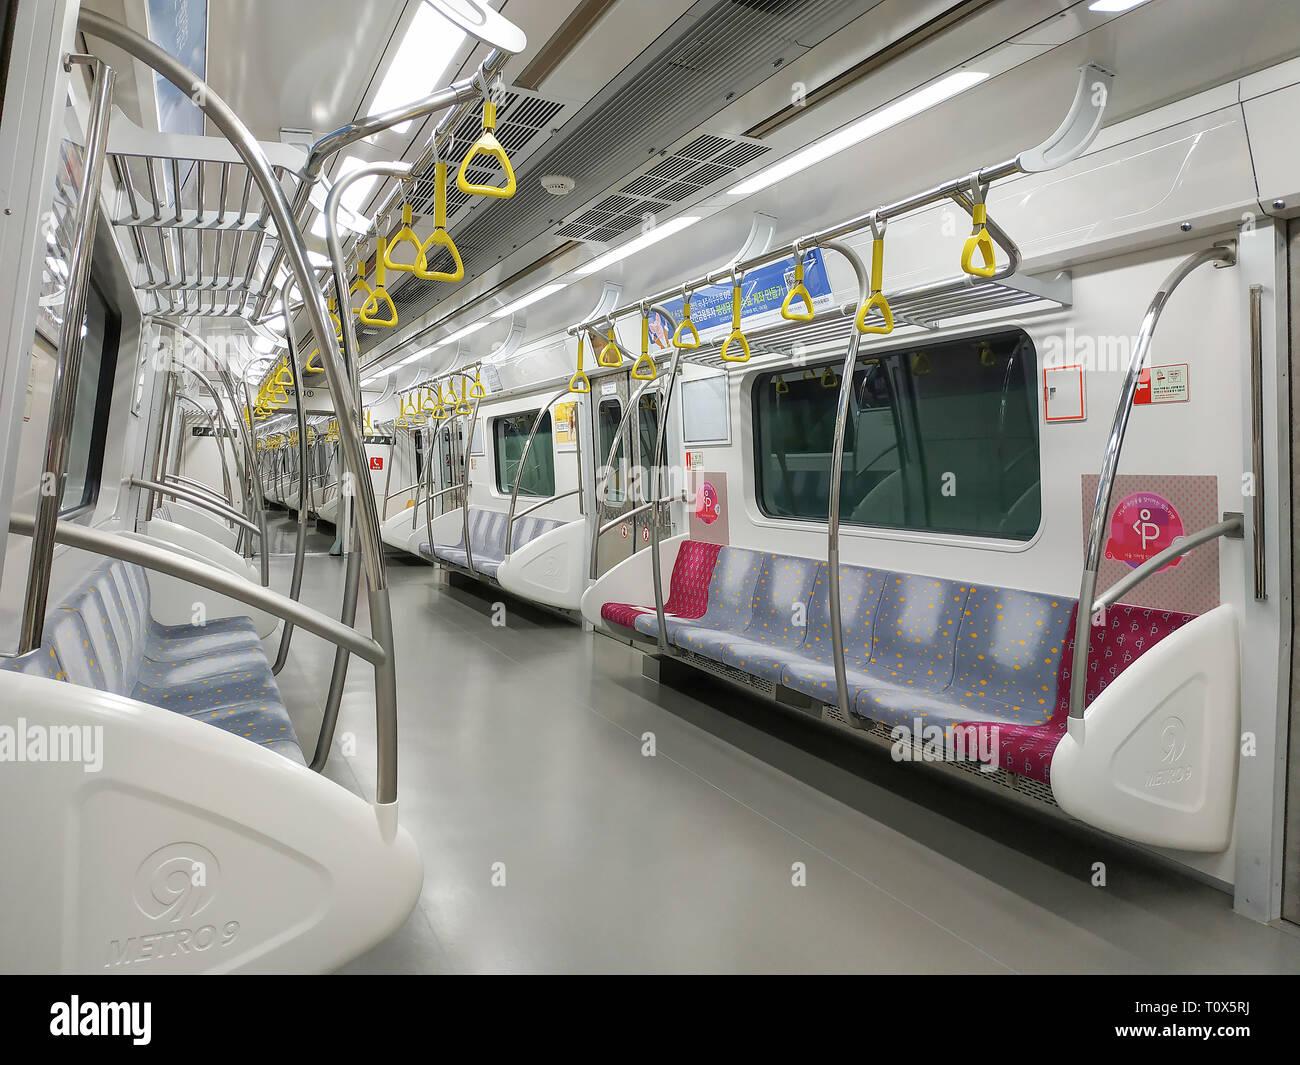 Seúl, Corea del Sur, 22 de marzo de 2019: En el interior del tren en el subterráneo de la Línea 9 del Metro de Seúl Foto de stock